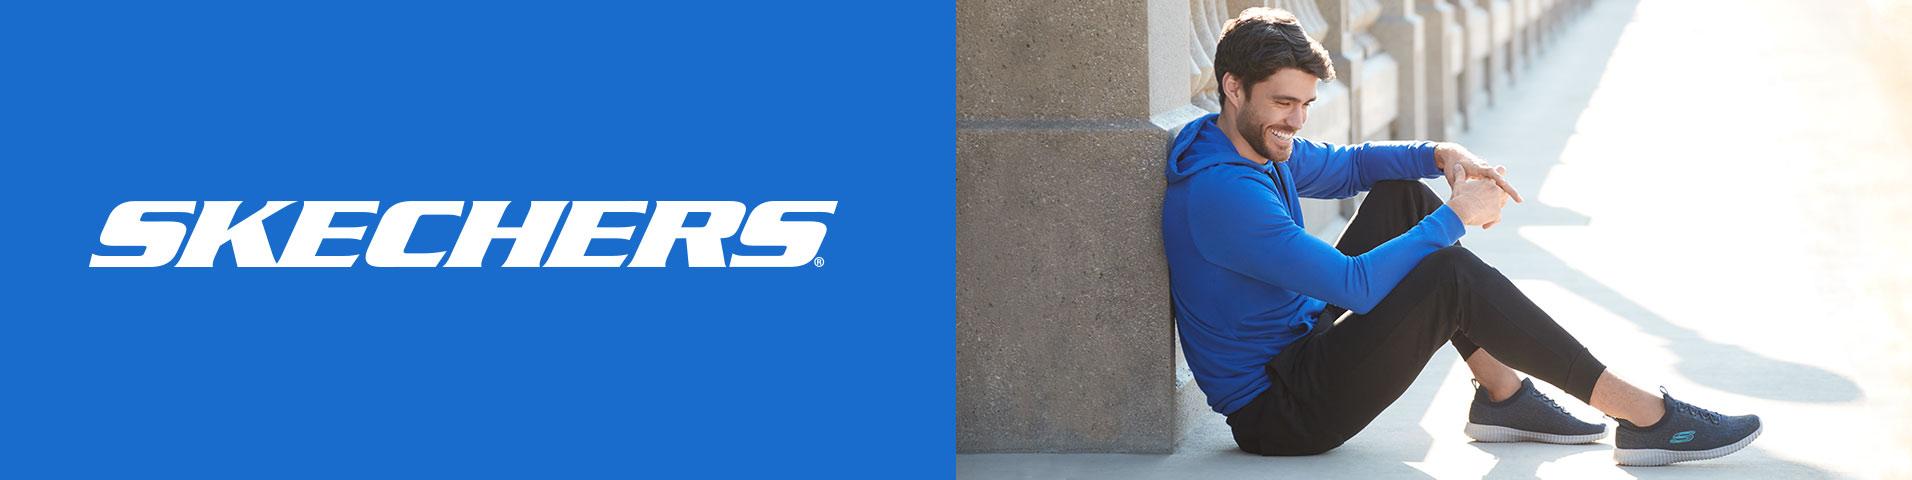 Skechers | La nuova collezione online su Zalando